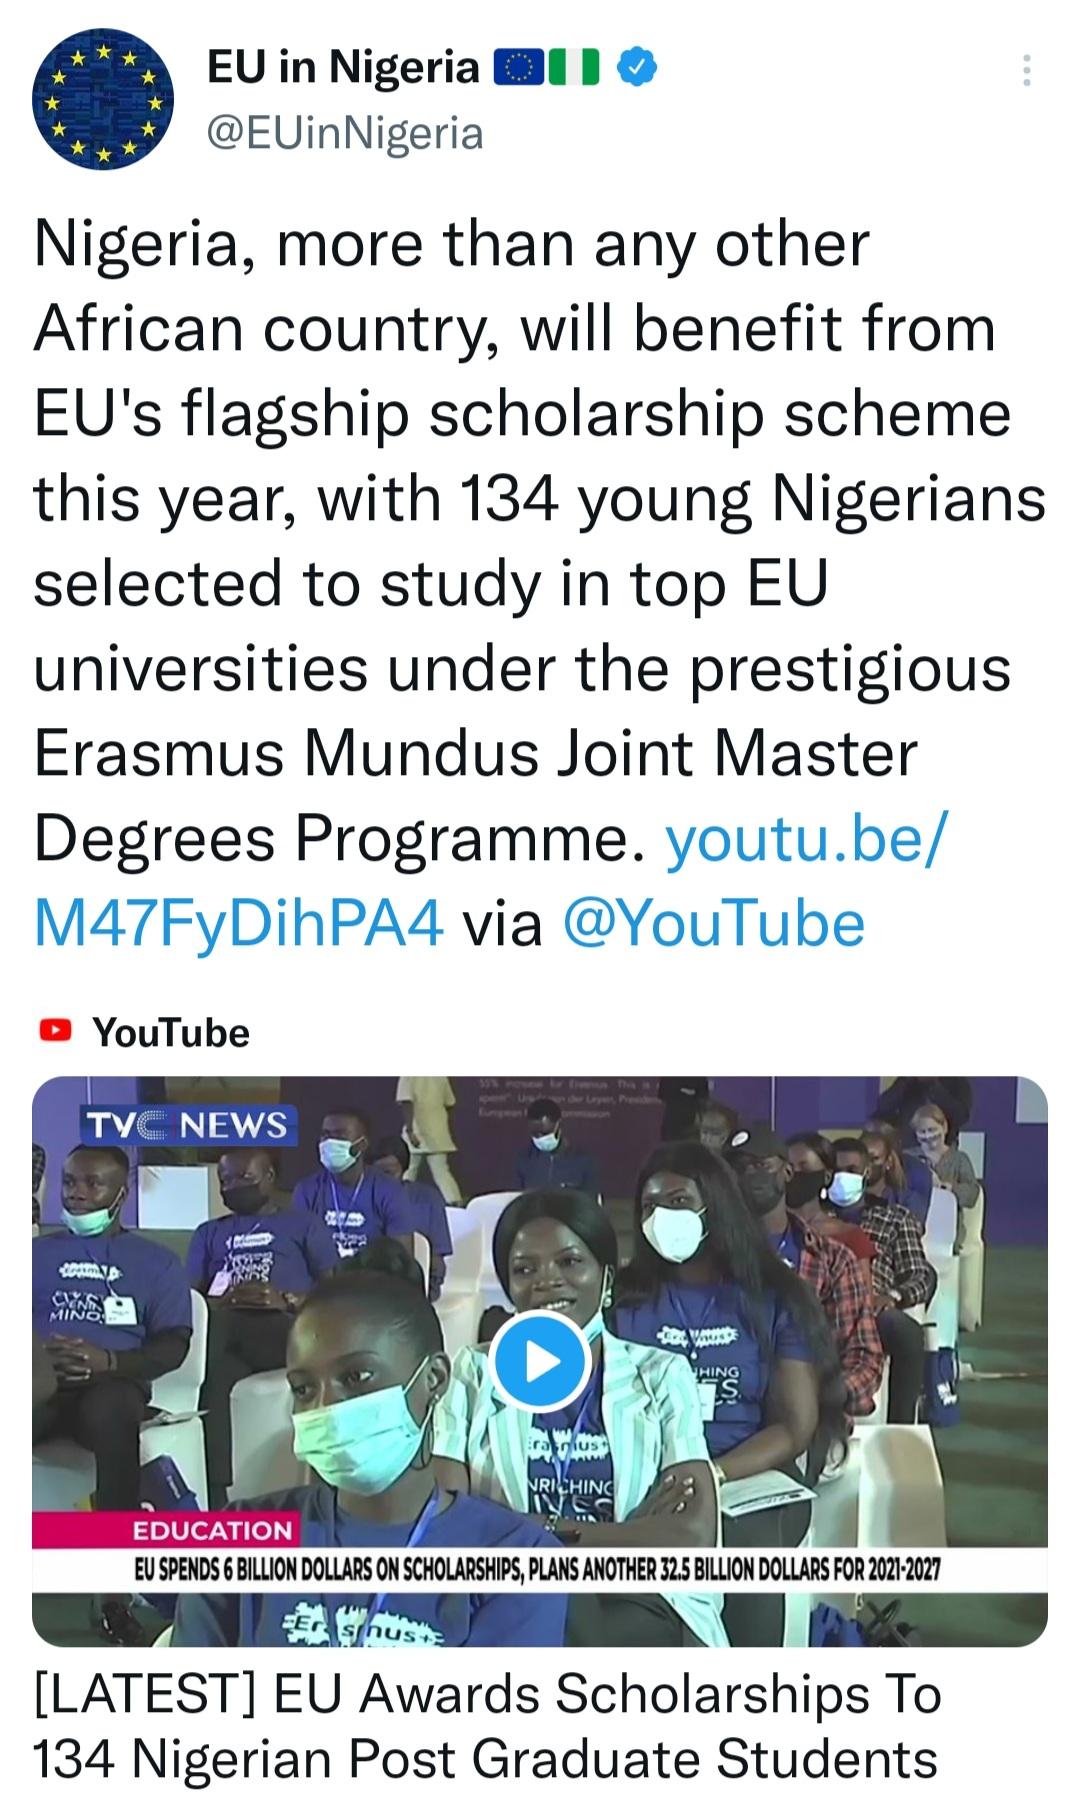 EU's partnership continues